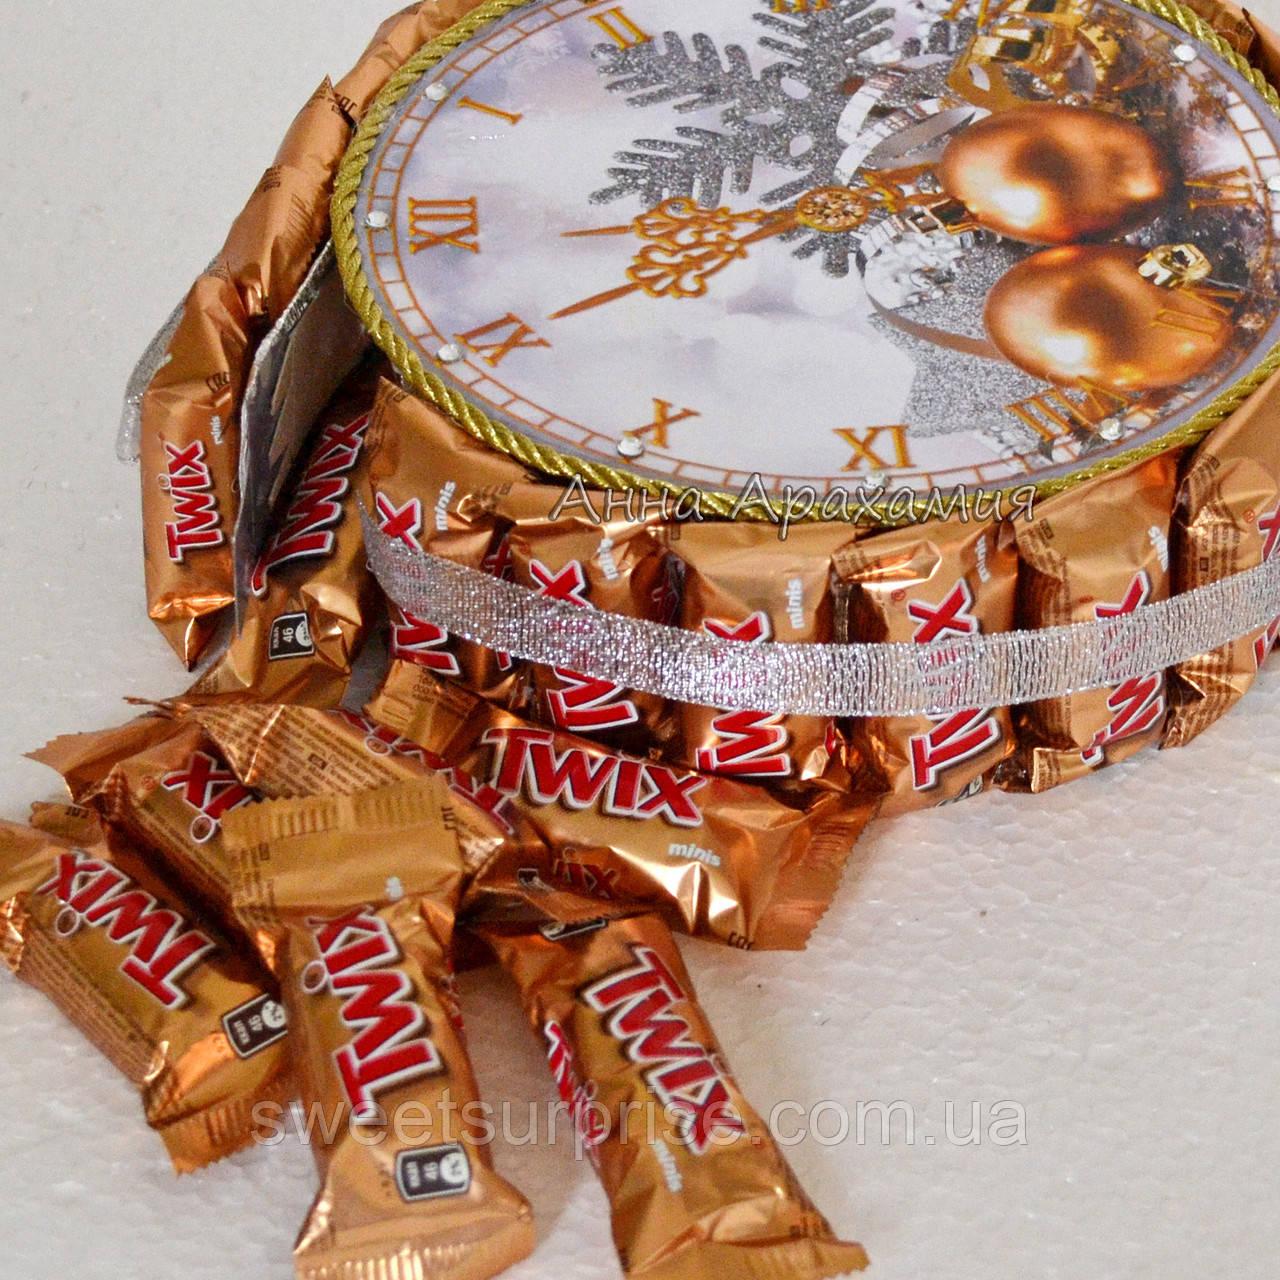 """Новогодние часы из конфет """"Твикс"""""""